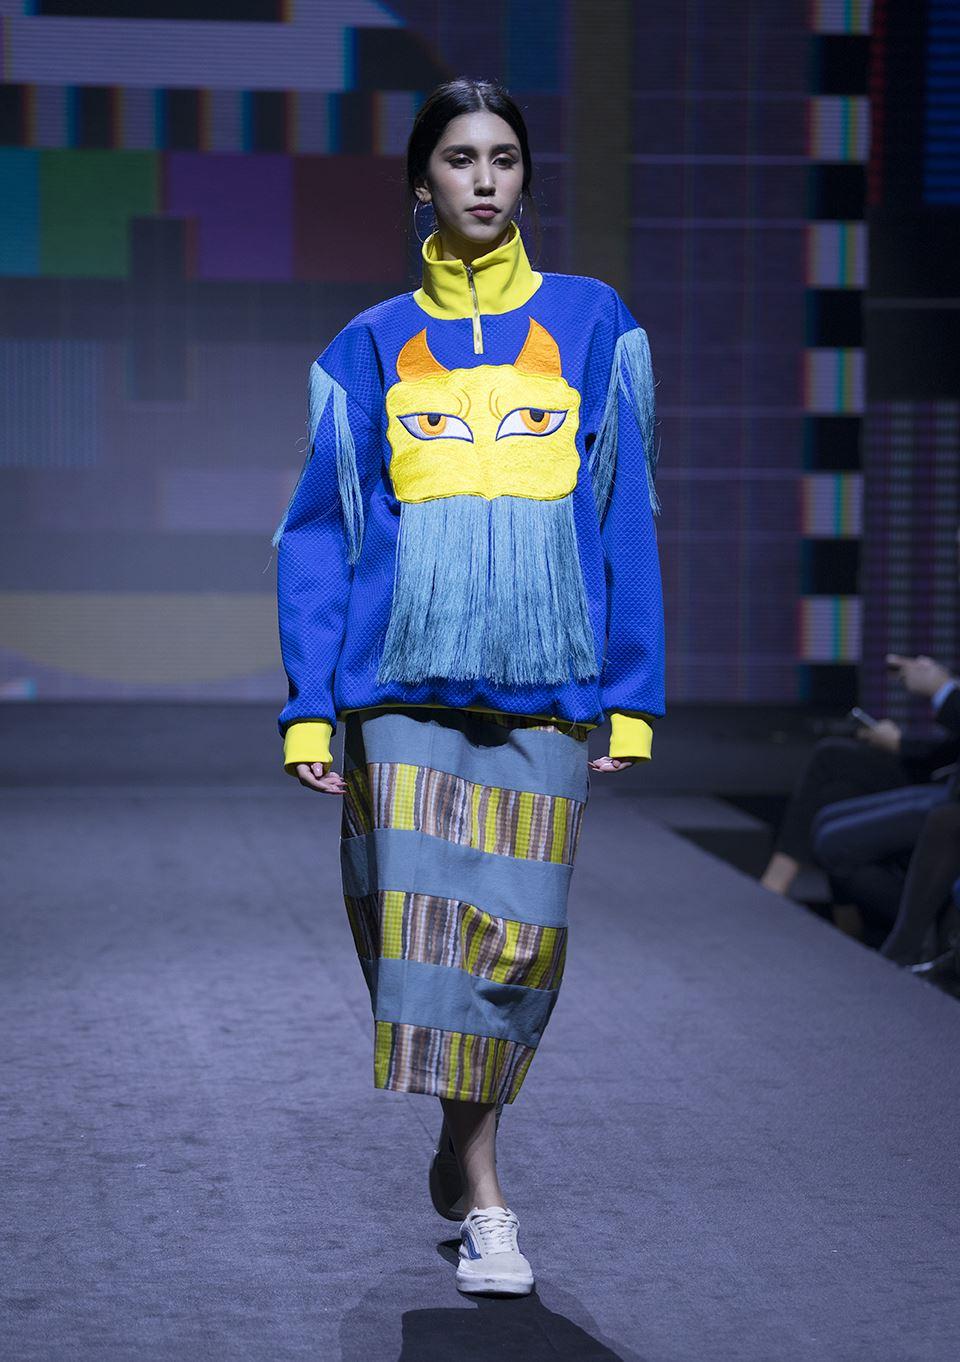 Alskarmig, Model, Singapore, Singapore, Singapore